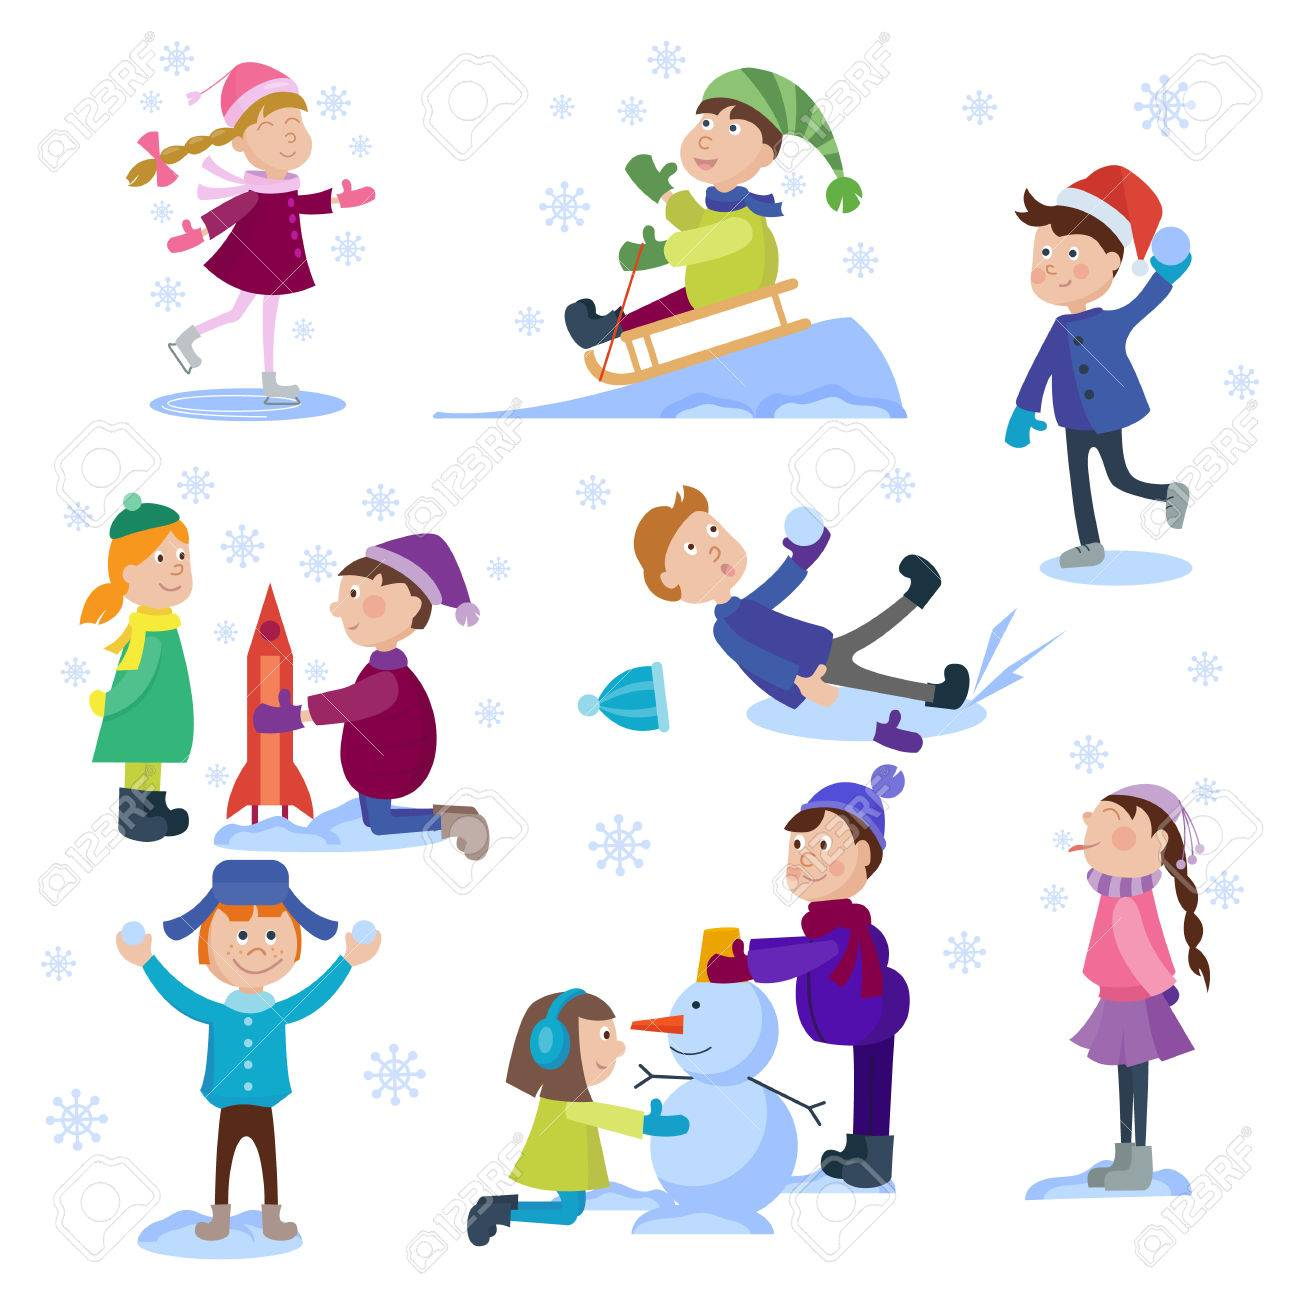 Navidad Ninos Que Juegan Juegos De Invierno Patinaje Esqui Trineo